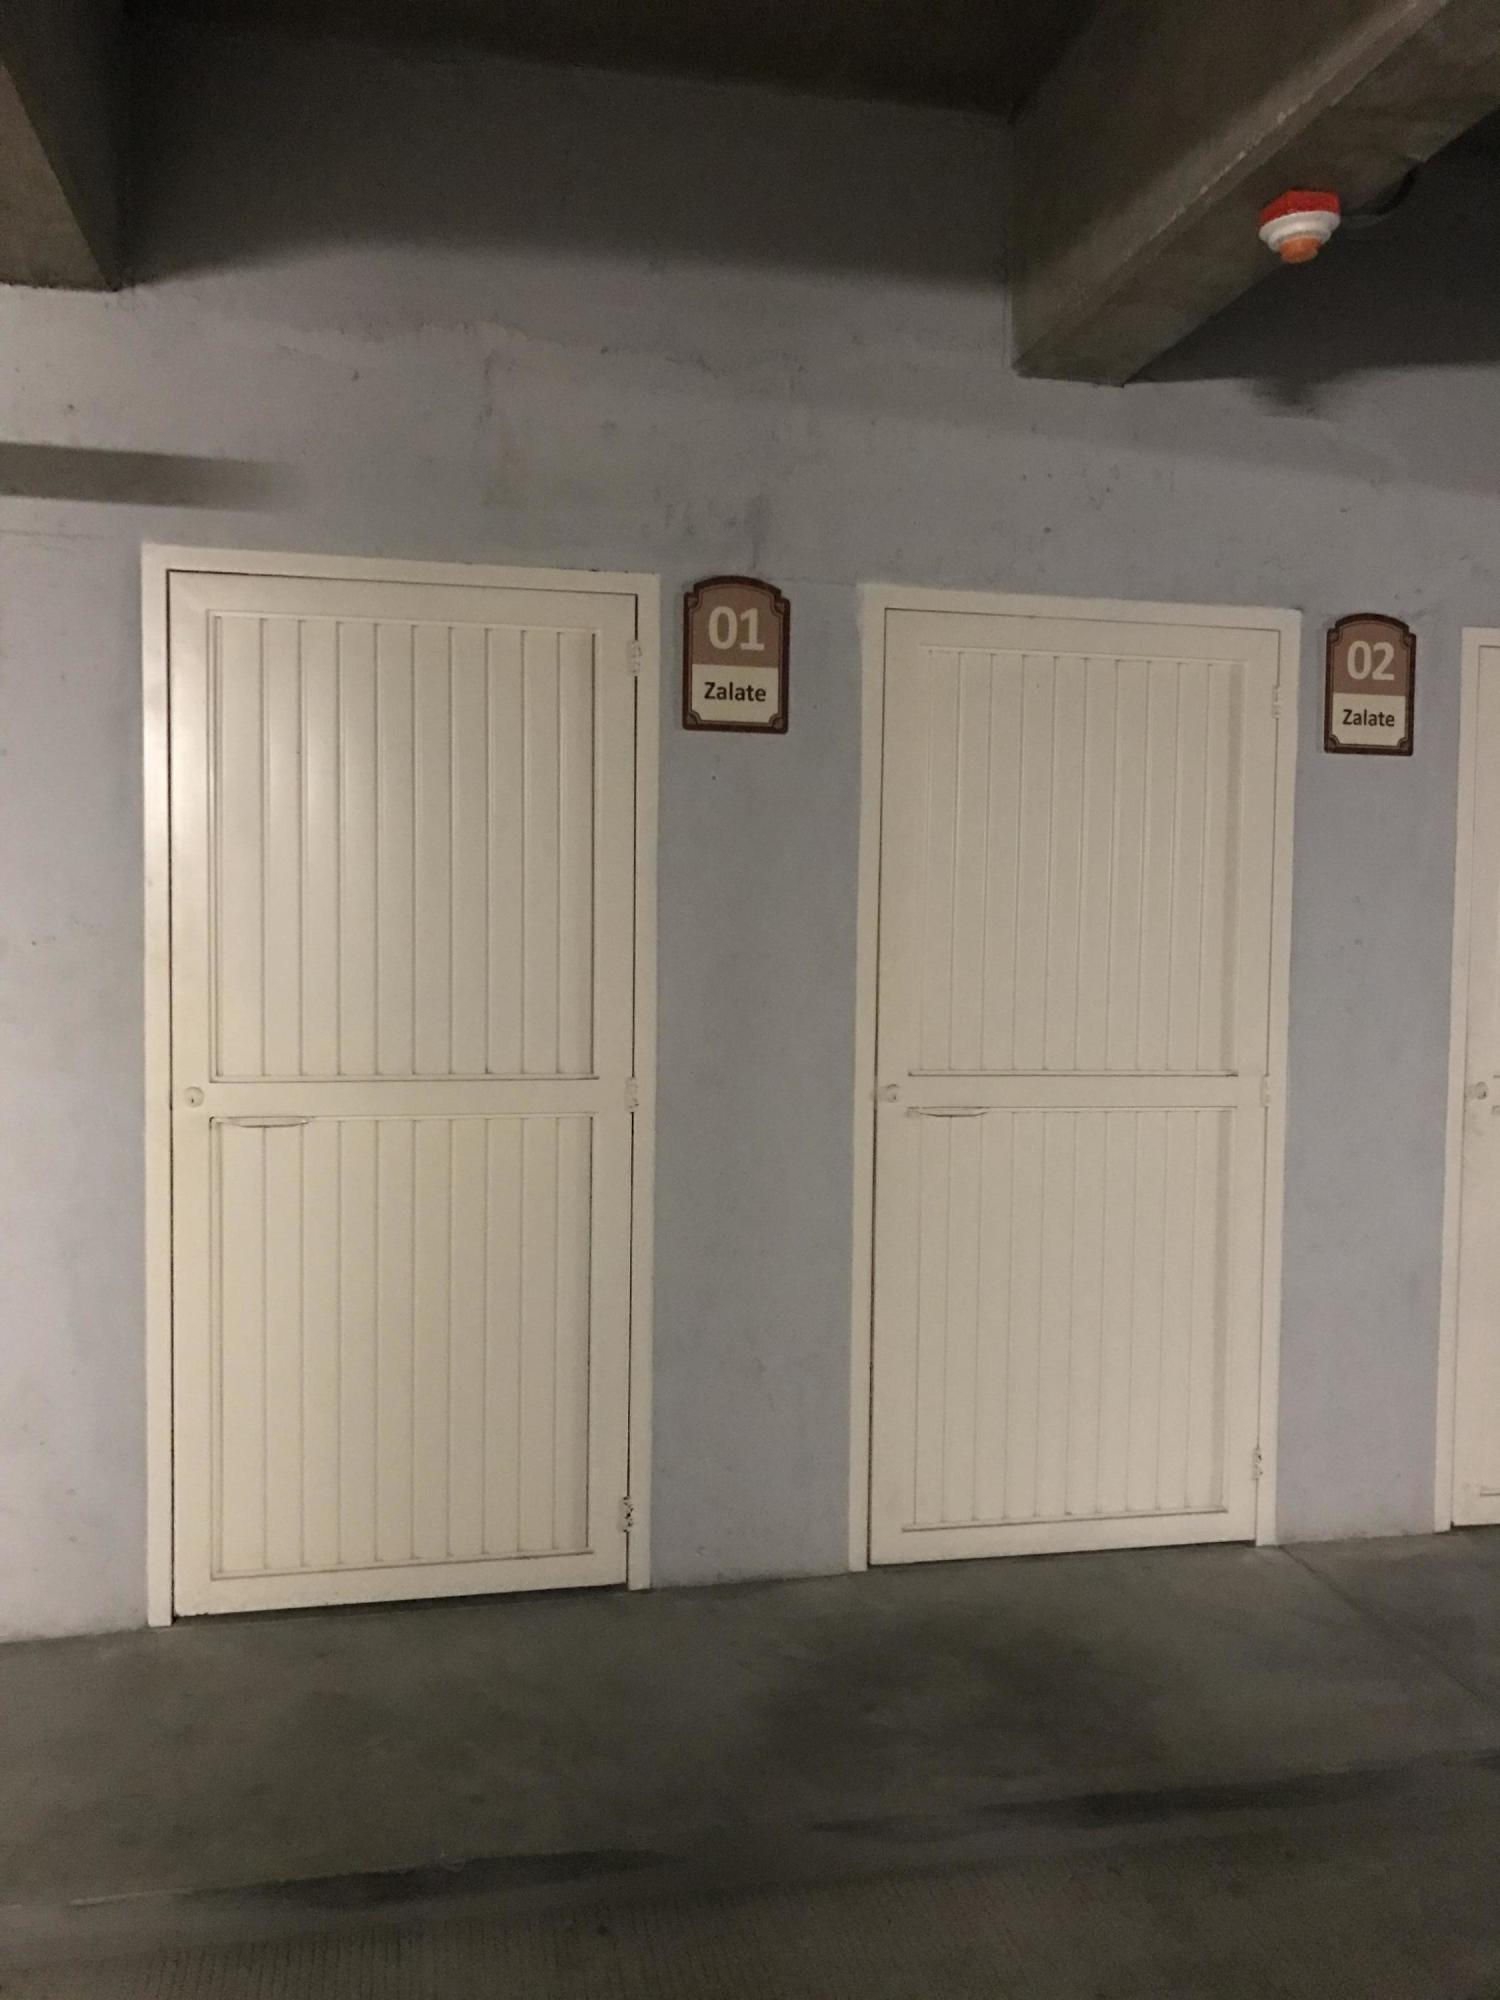 San Jose del Cabo, 3 Bedrooms Bedrooms, ,2 BathroomsBathrooms,Condo,For Sale,VILLAS DE MEXICO,18-1319